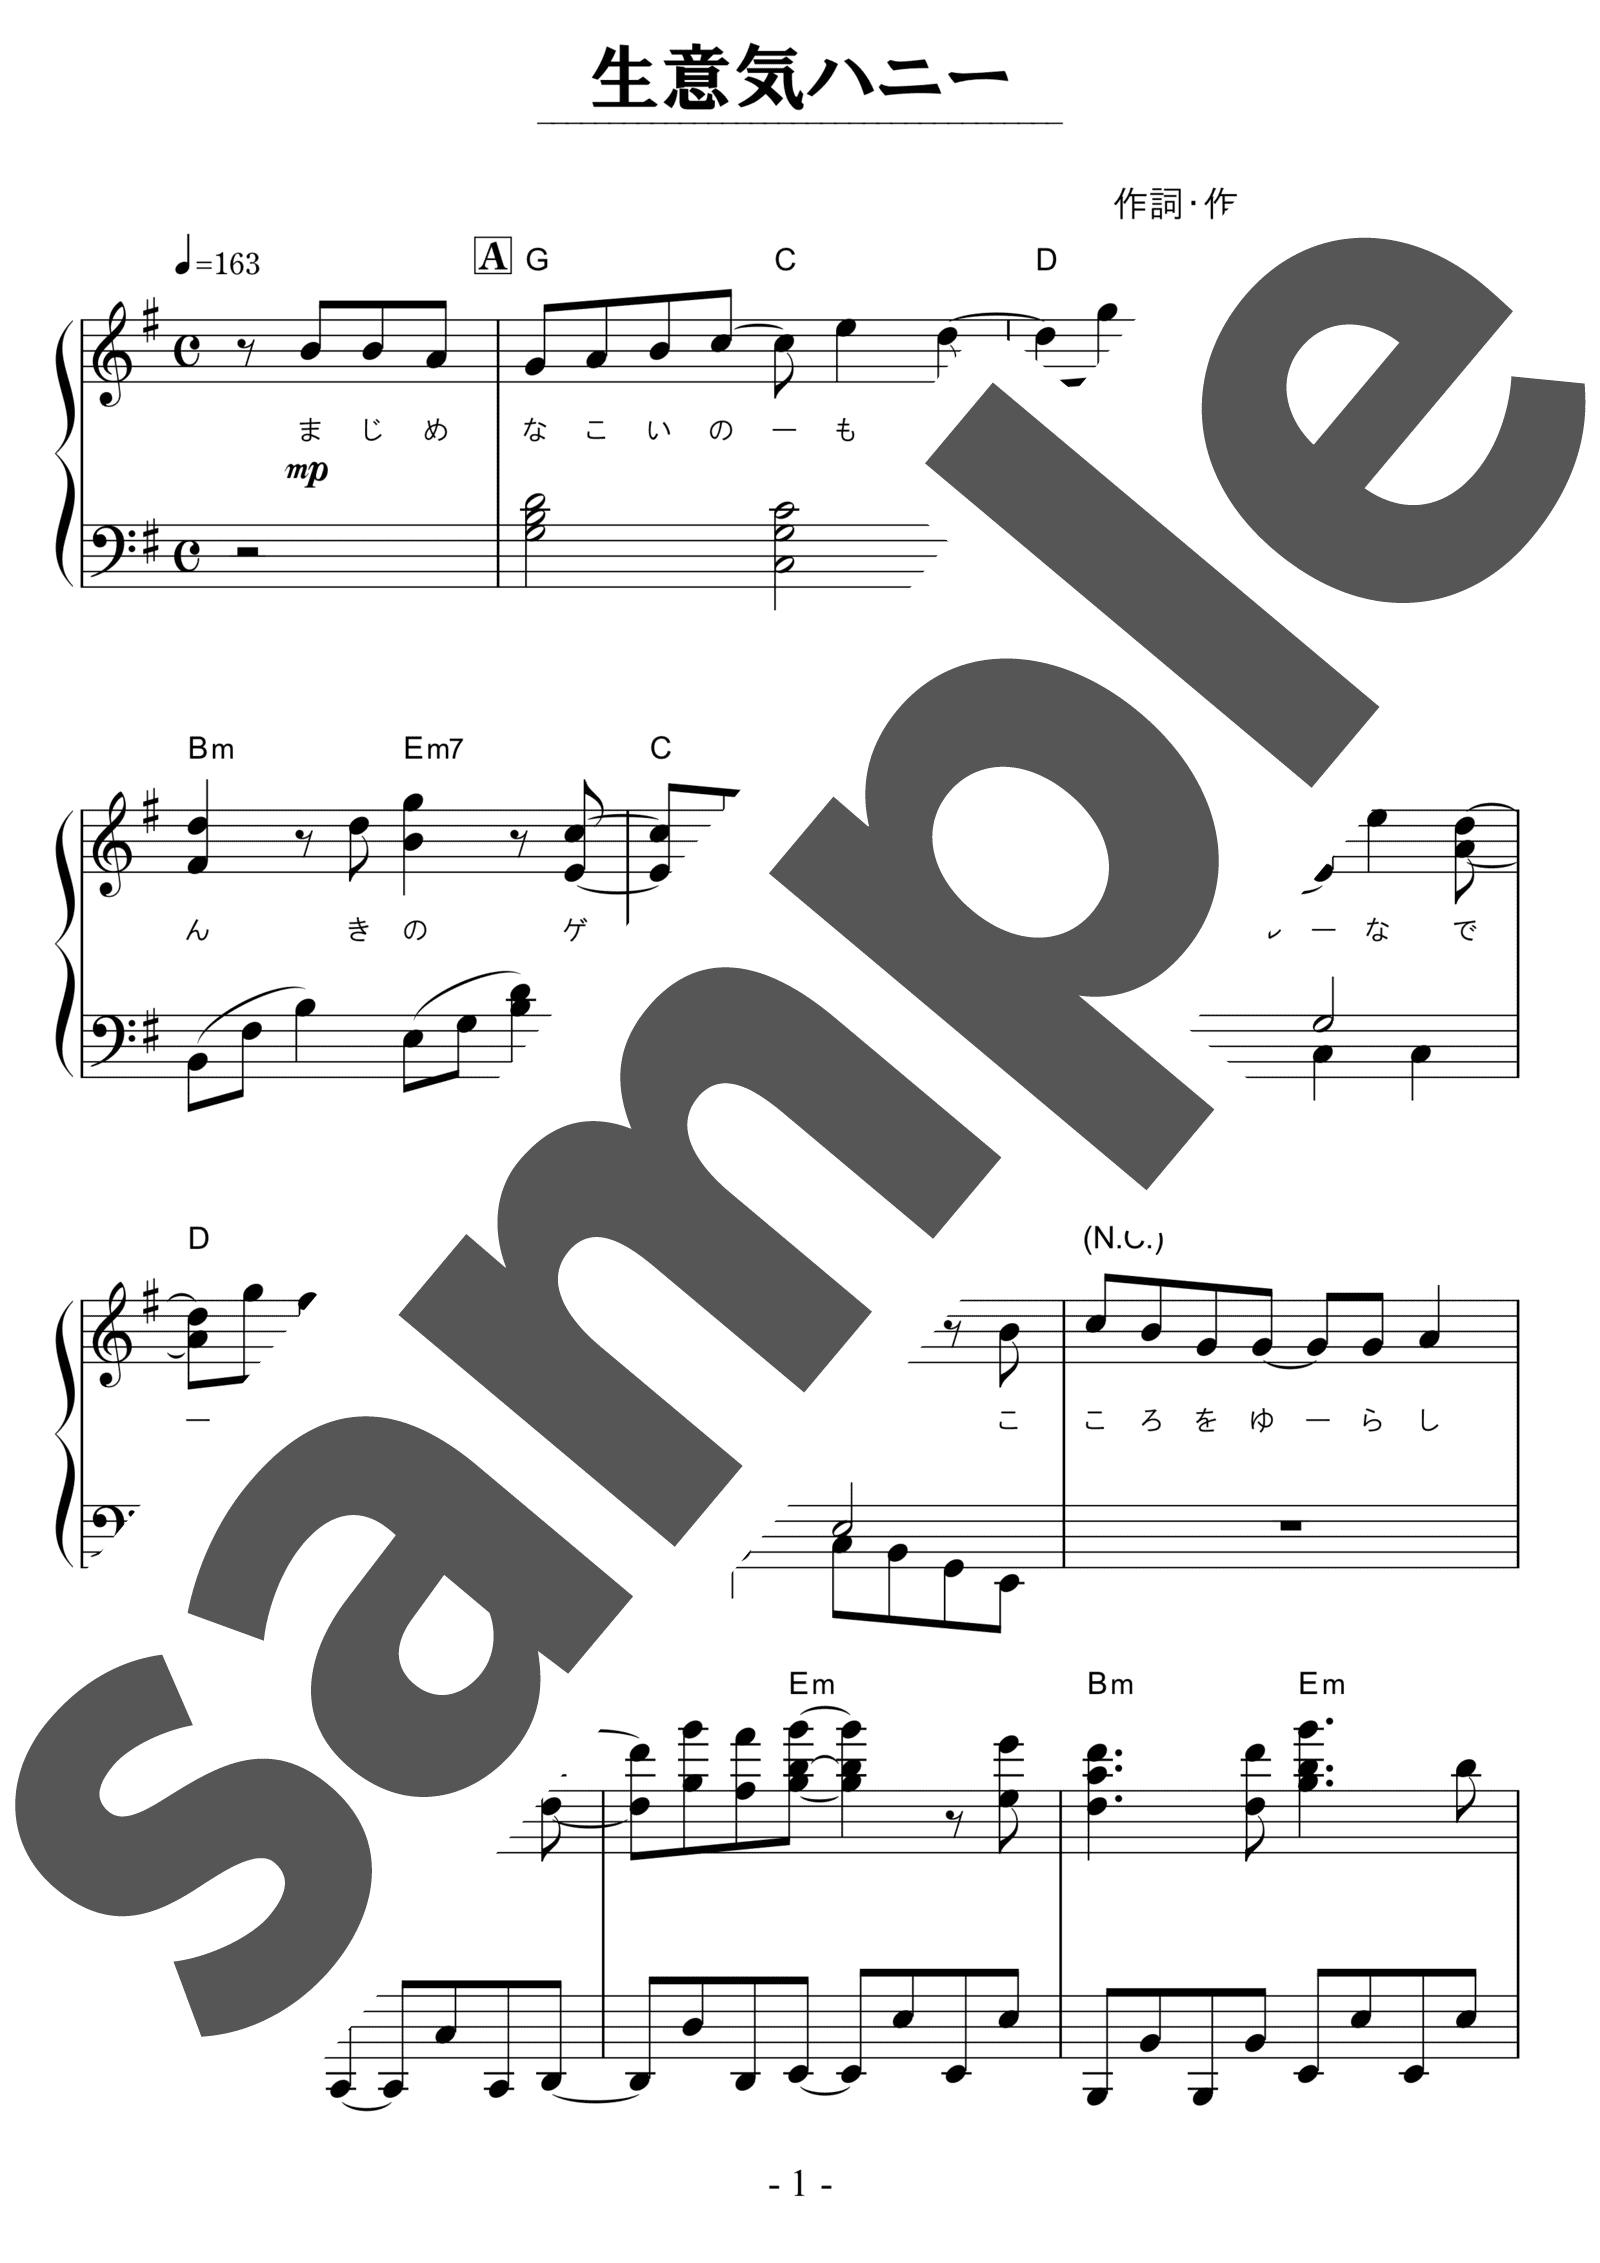 「生意気ハニー」のサンプル楽譜